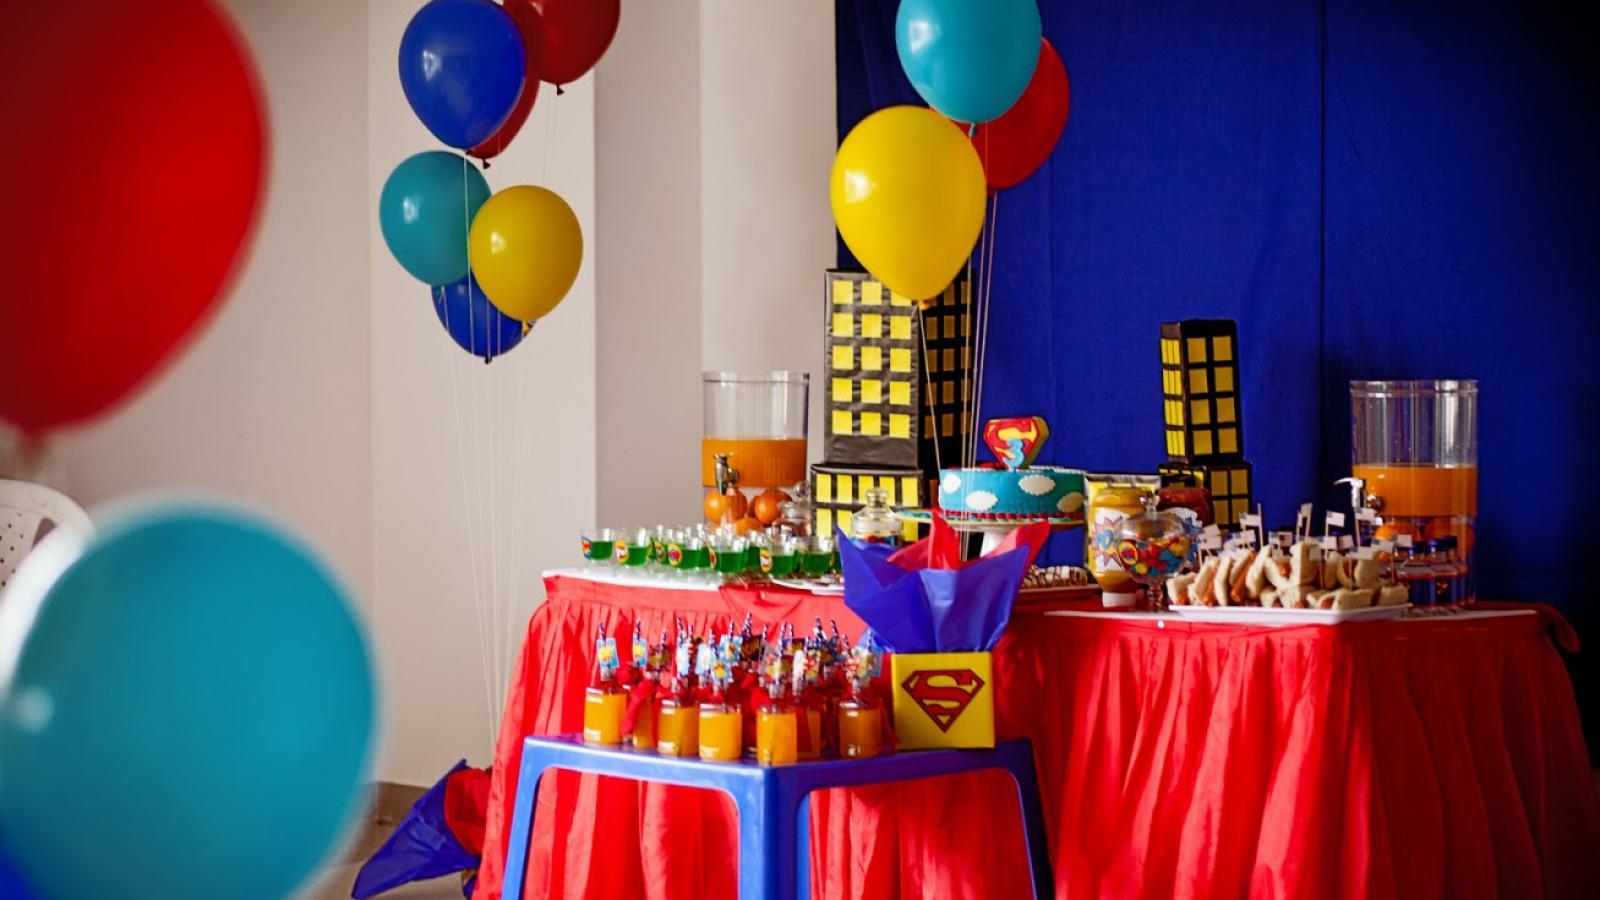 Decoracion de fiestas infantiles for Decoracion para pared infantil